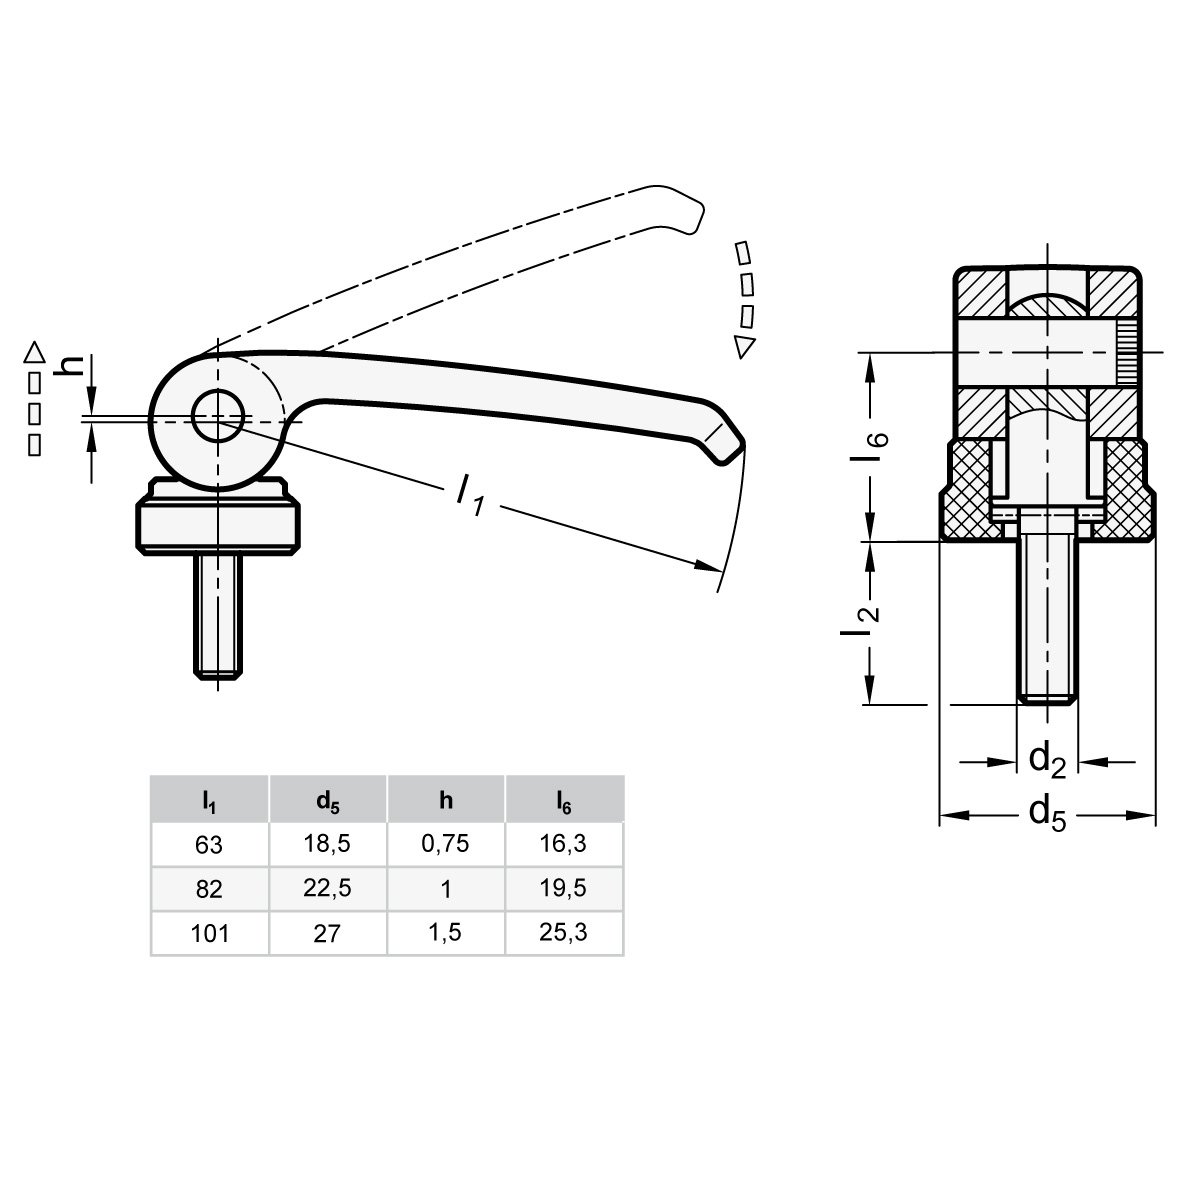 schwarz Ganter Normelemente Griffl/änge l1: 101mm 1 St/ück Gewinde d2: M10 927-101-M10-60-A-B Hebel Zink-Druckguss Exzenterspanner mit Schraube